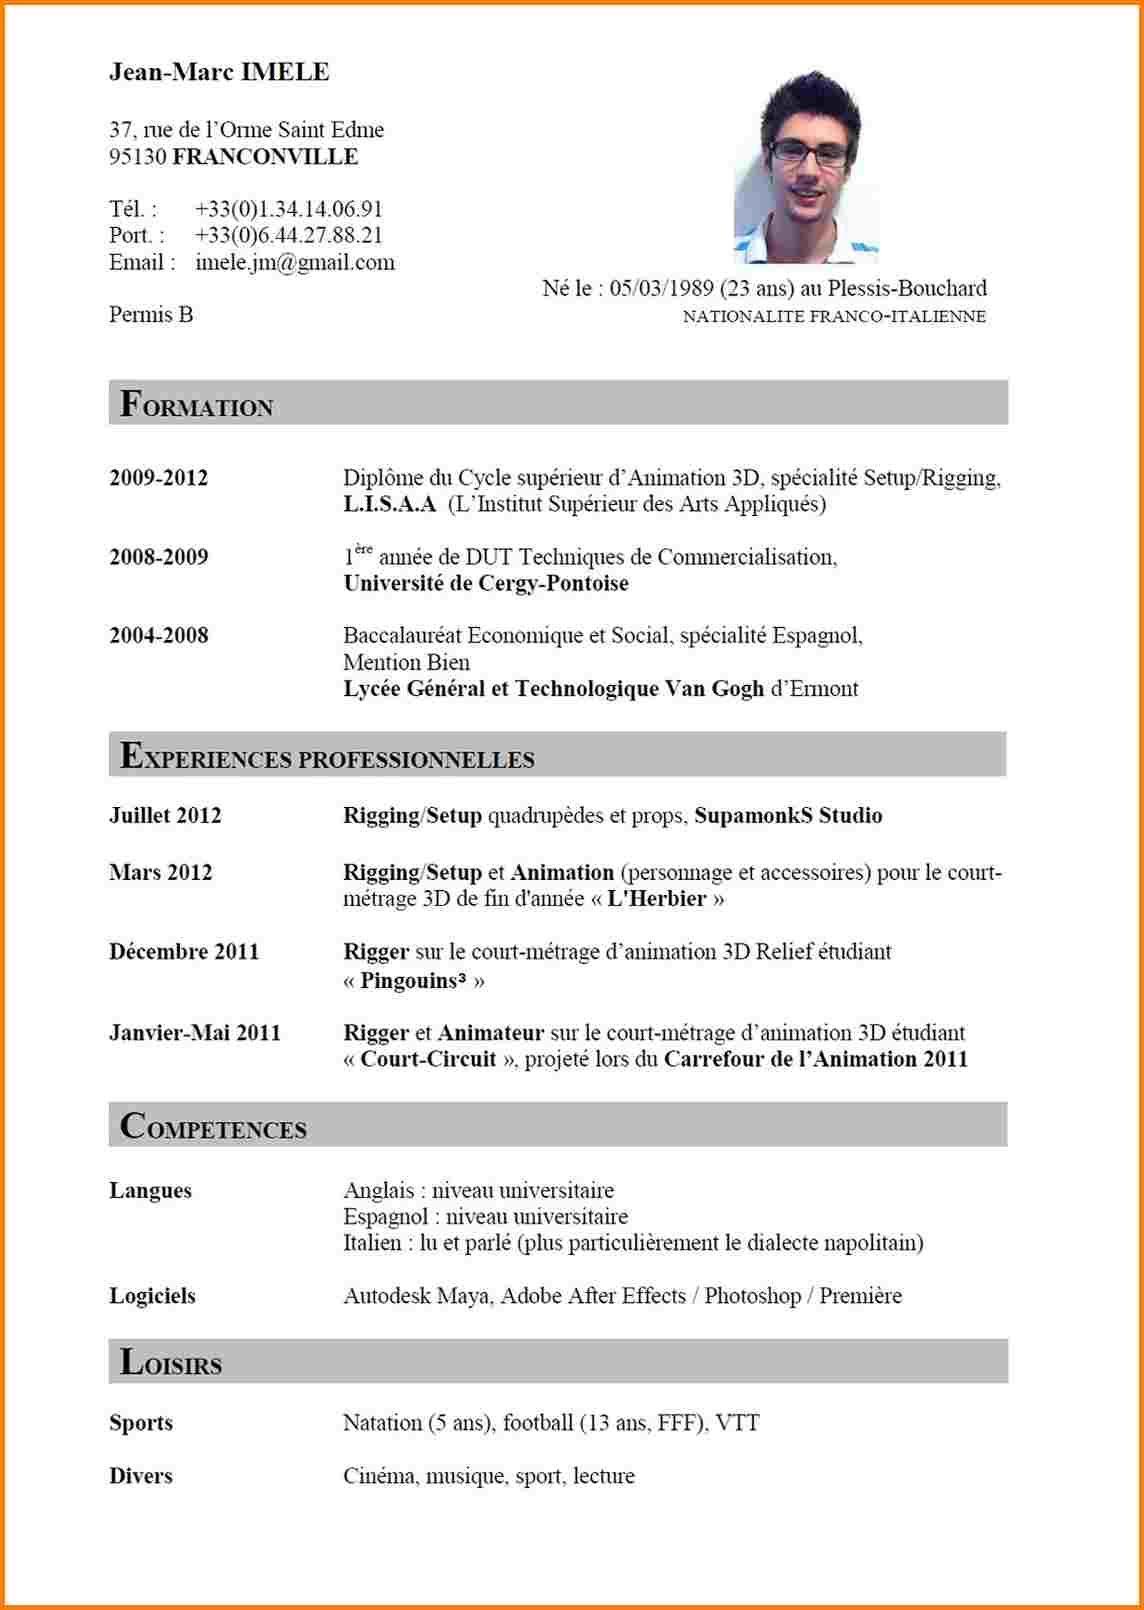 14 Modele Curriculum Vitae Waynes Boro Country Club Faire Un Cv Cv Francais Cv Anglais